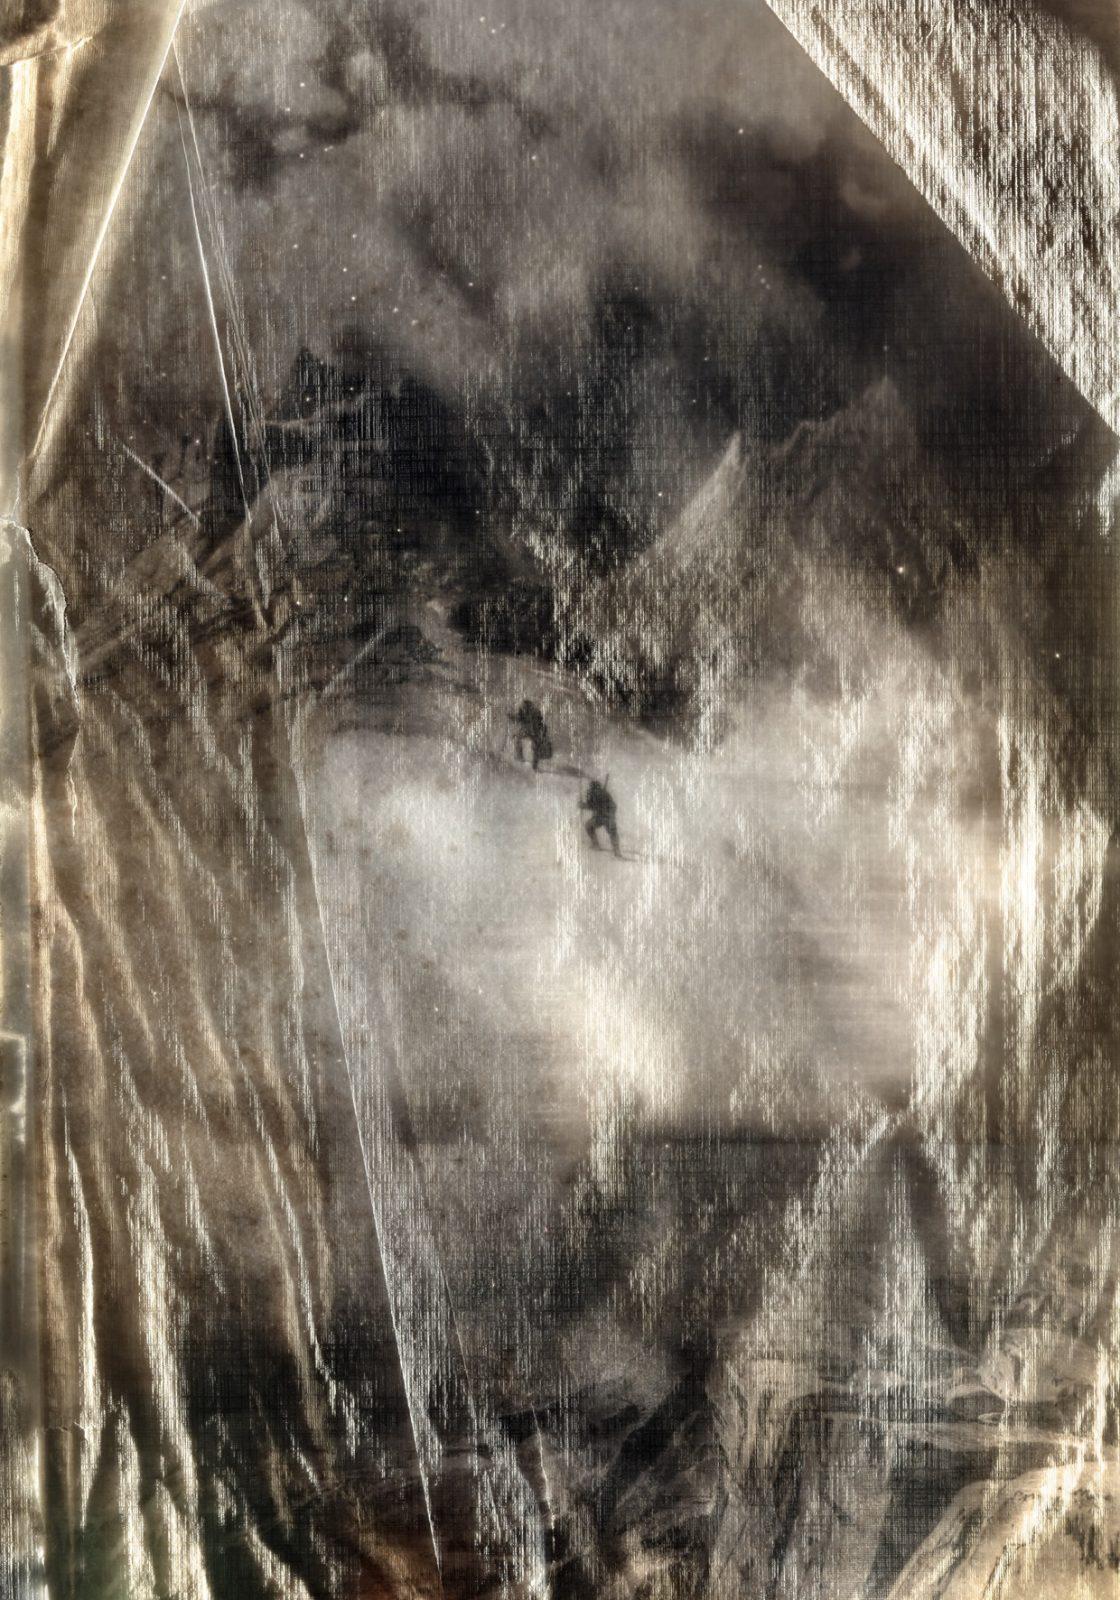 ACERBI ́S ESCAPE, 2017, 82 x 57 cm, archival pigment print, frame